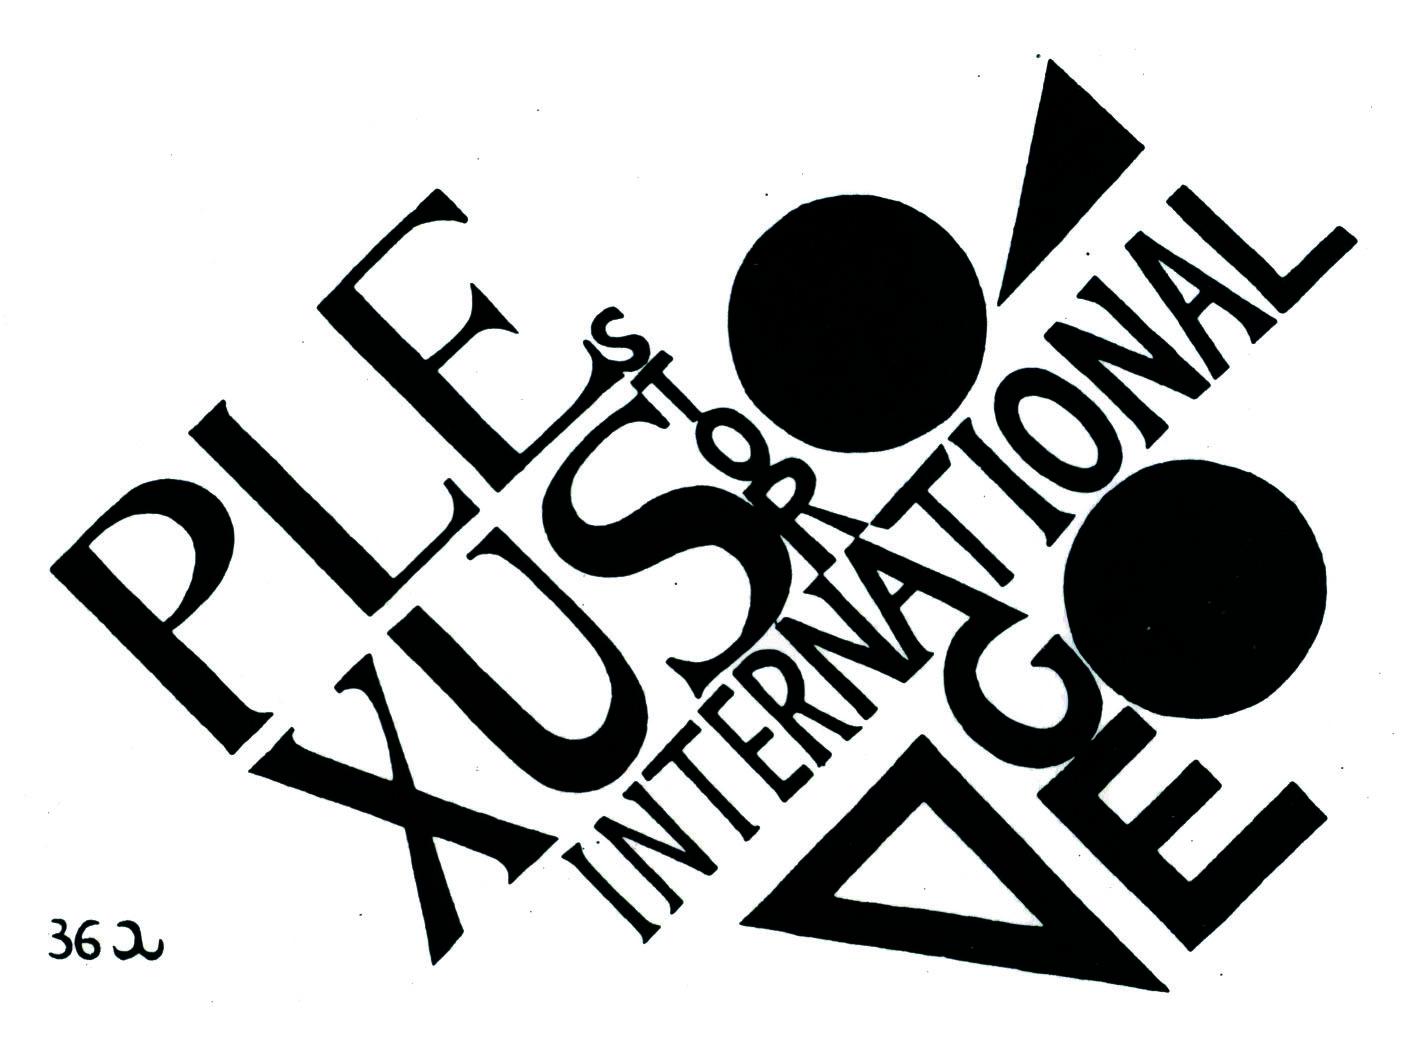 Marchio PLEXUS di Gaetano Brundu. Domenica 10 aprile 2016 in occasione del finissage della mostra Plexus International Storage l'EXMA propone laboratori e visite guidate dedicati a  bambini e adulti.